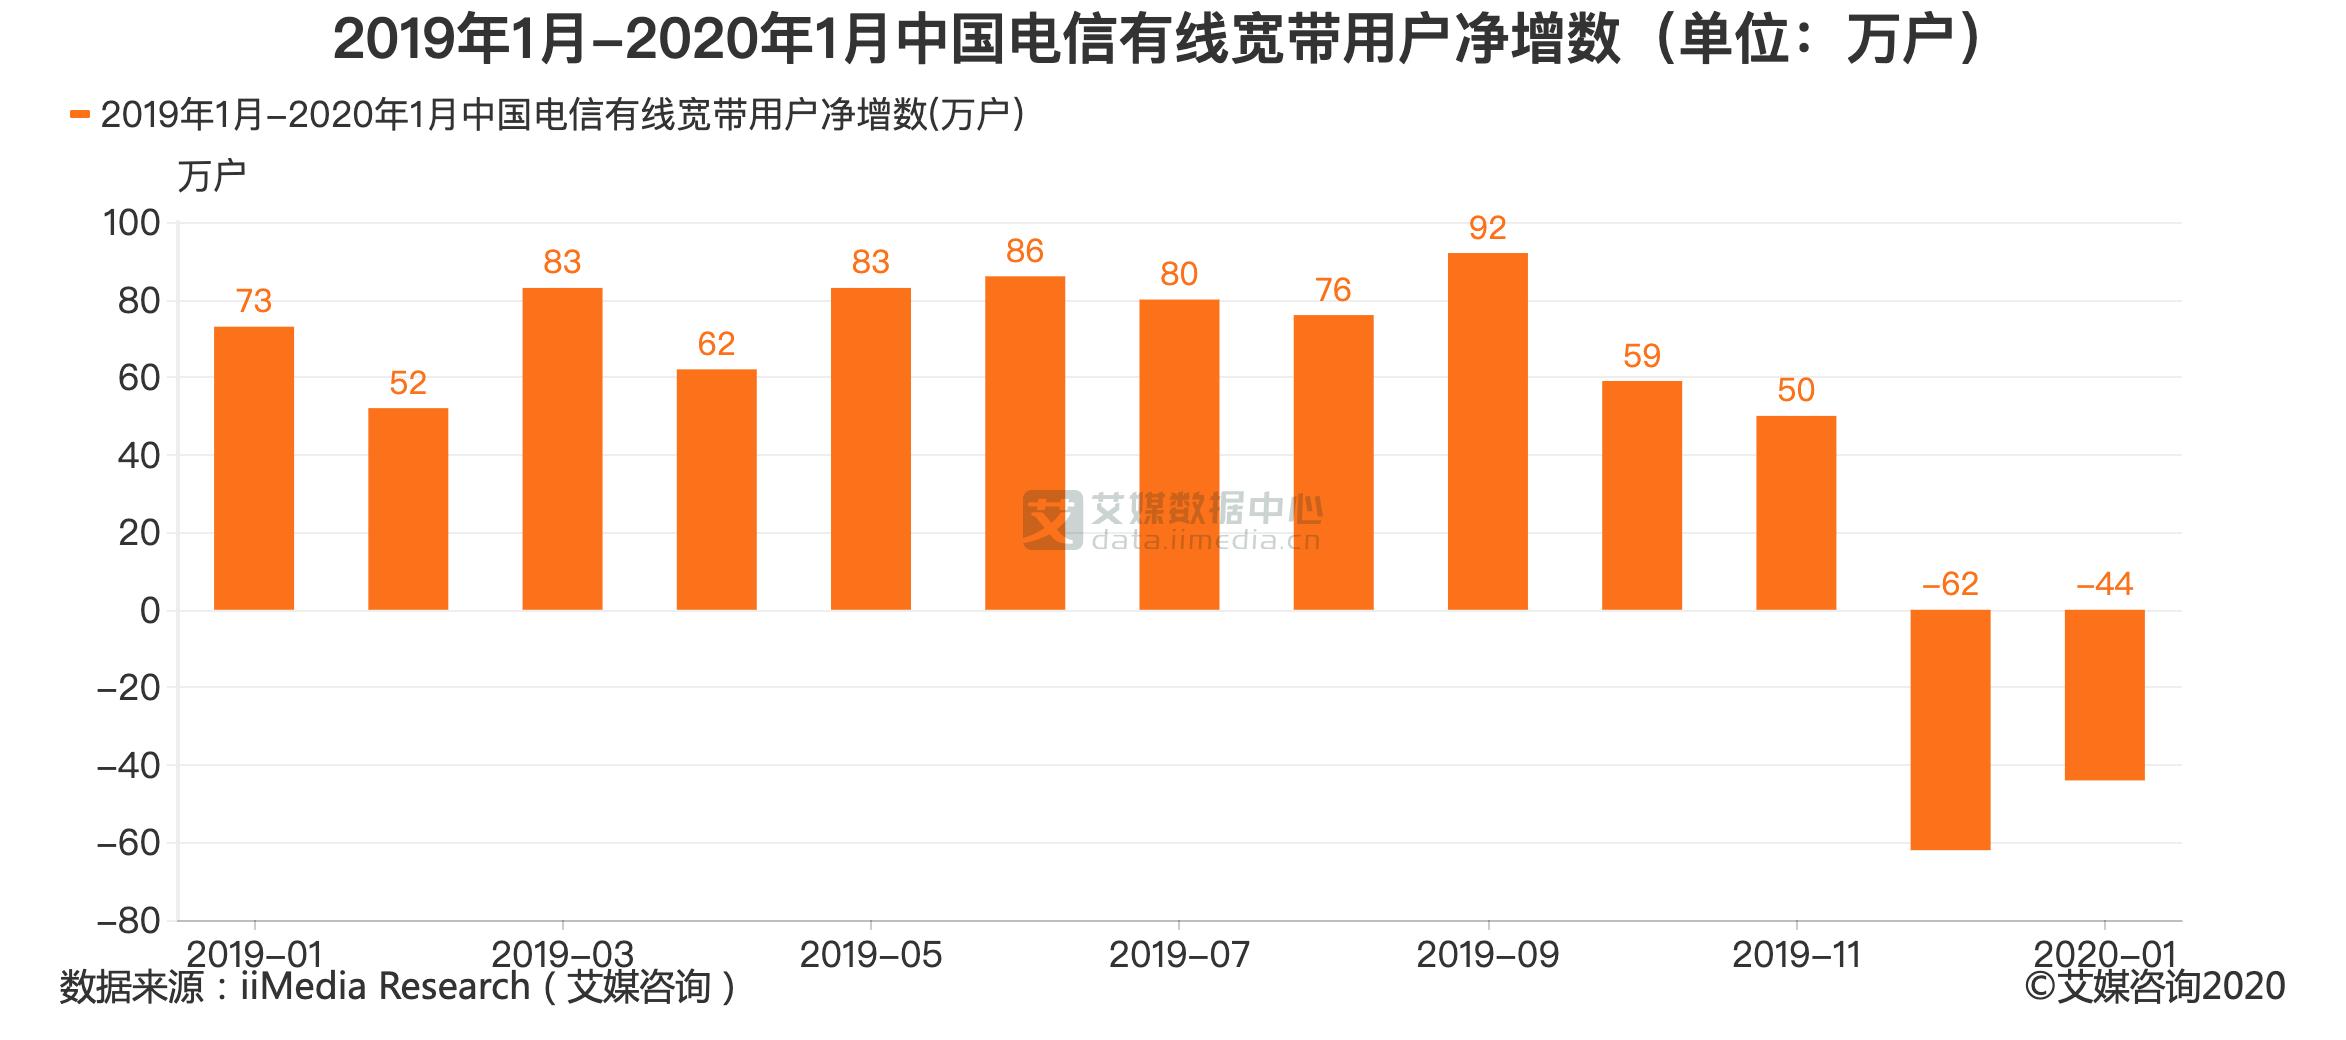 2019年1月-2020年1月中国电信有线宽带用户净增数(单位:万户)